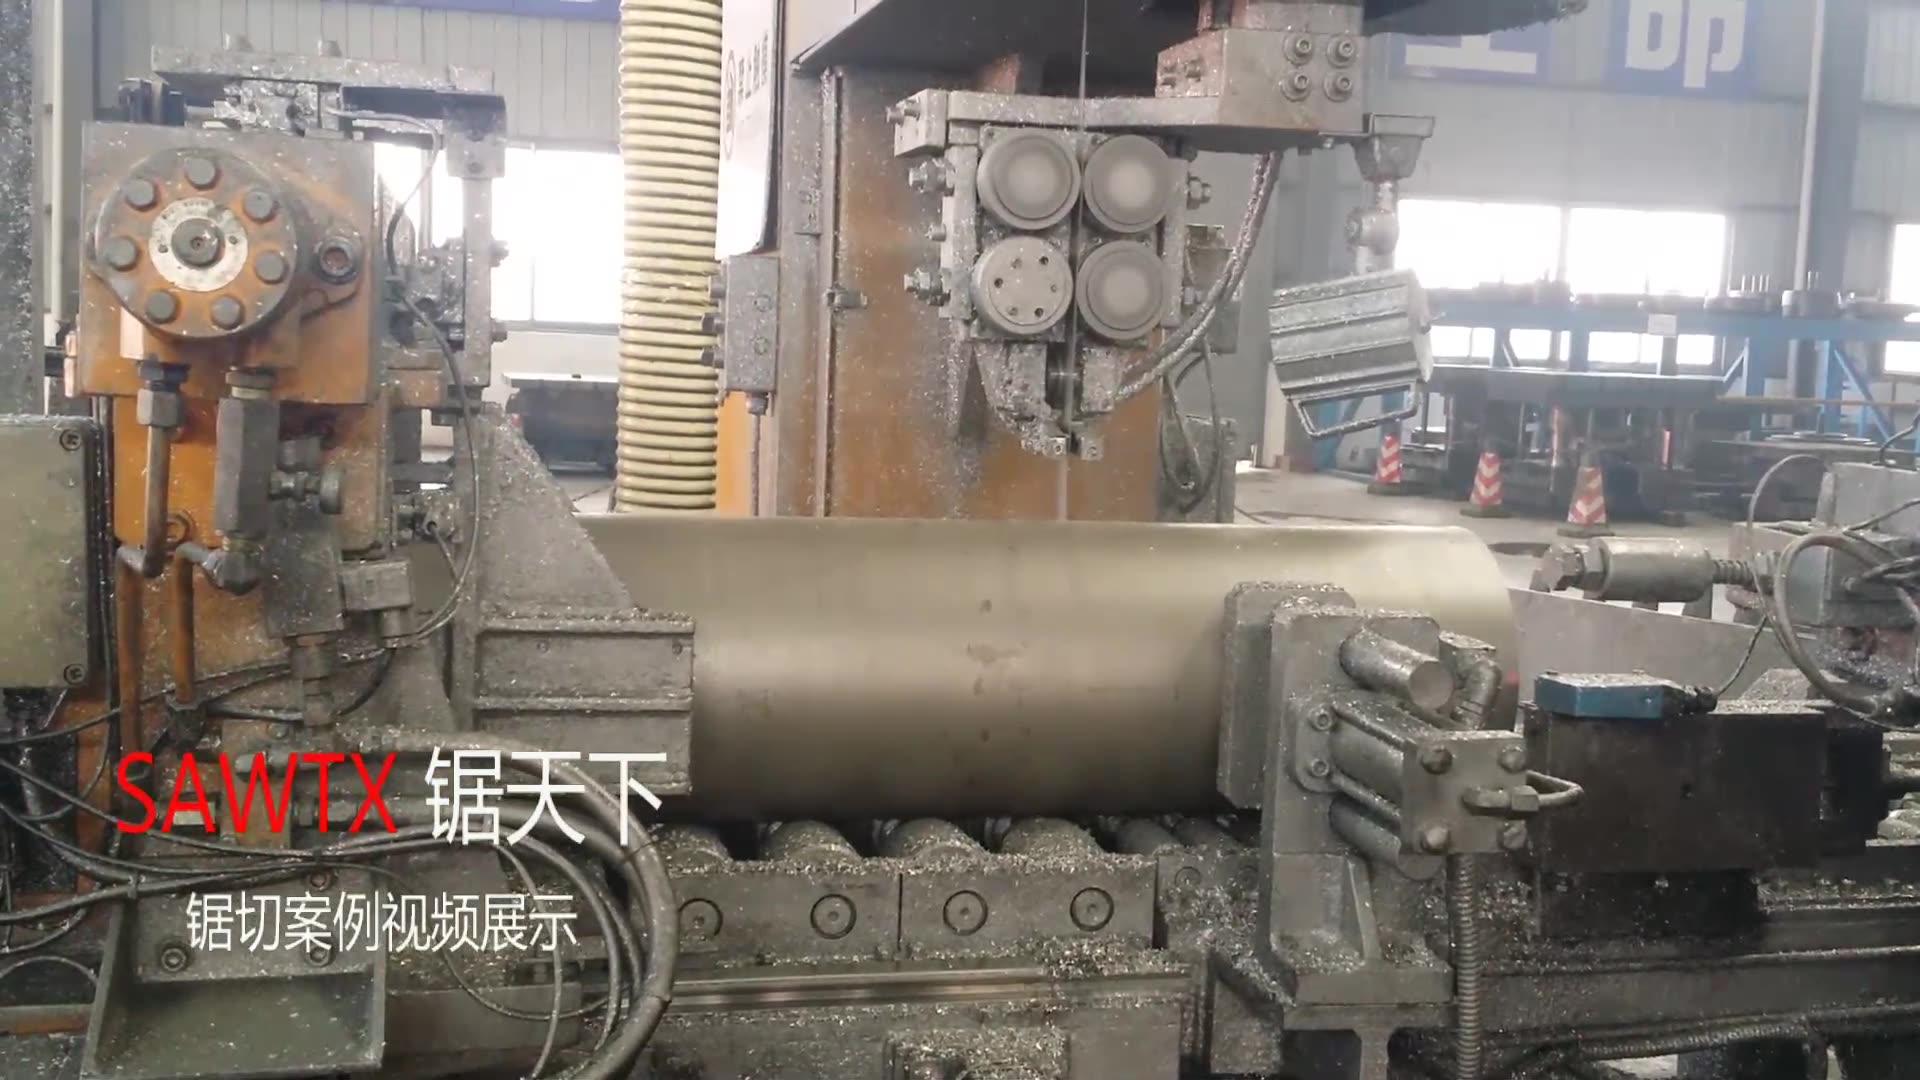 高速硬质合金带锯条GWANG-YSTKG高速锯切